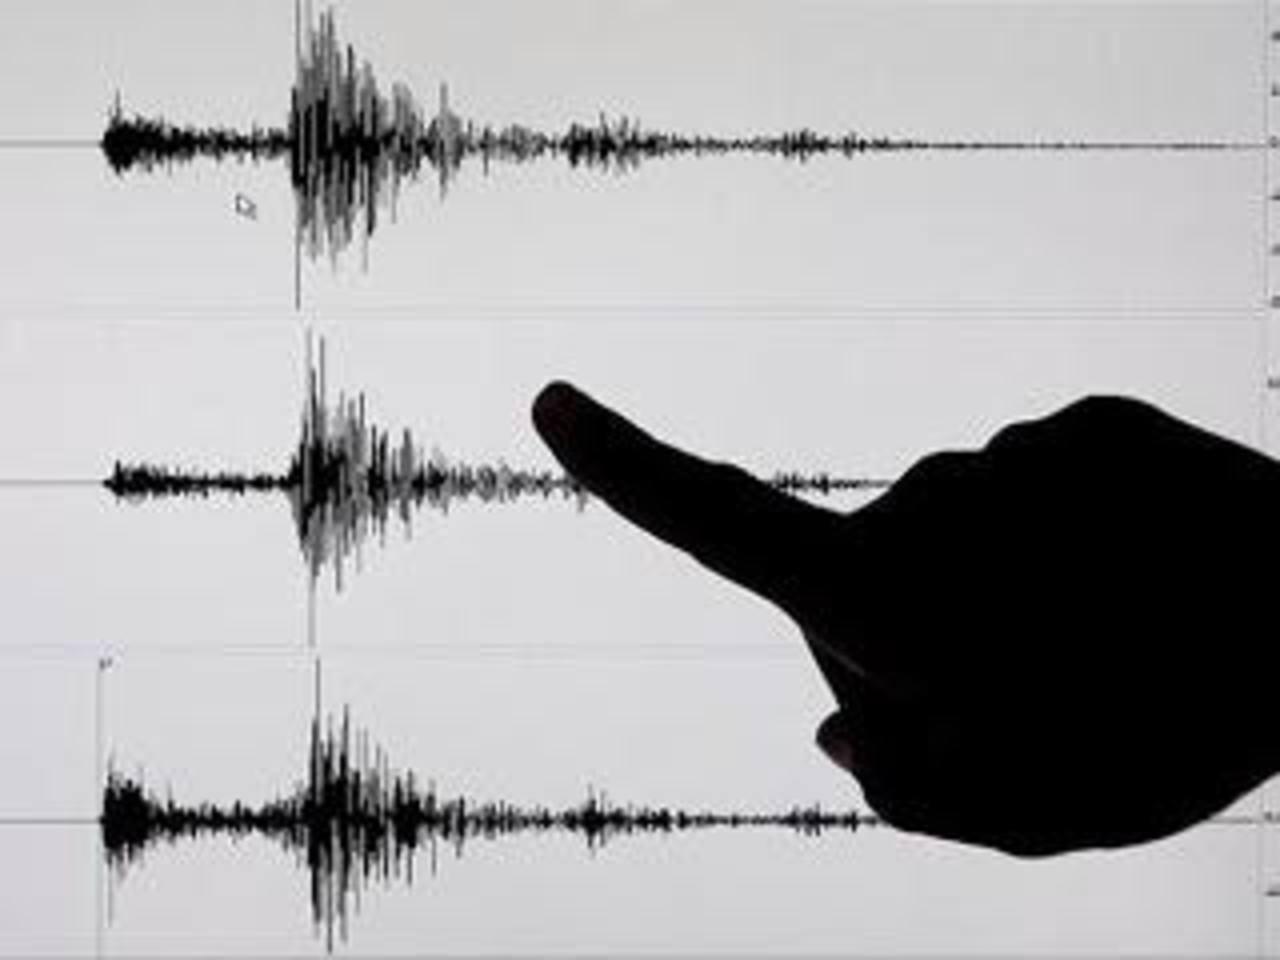 Sismo de magnitud 4.9 sacude centro y Pacífico sur de Costa Rica